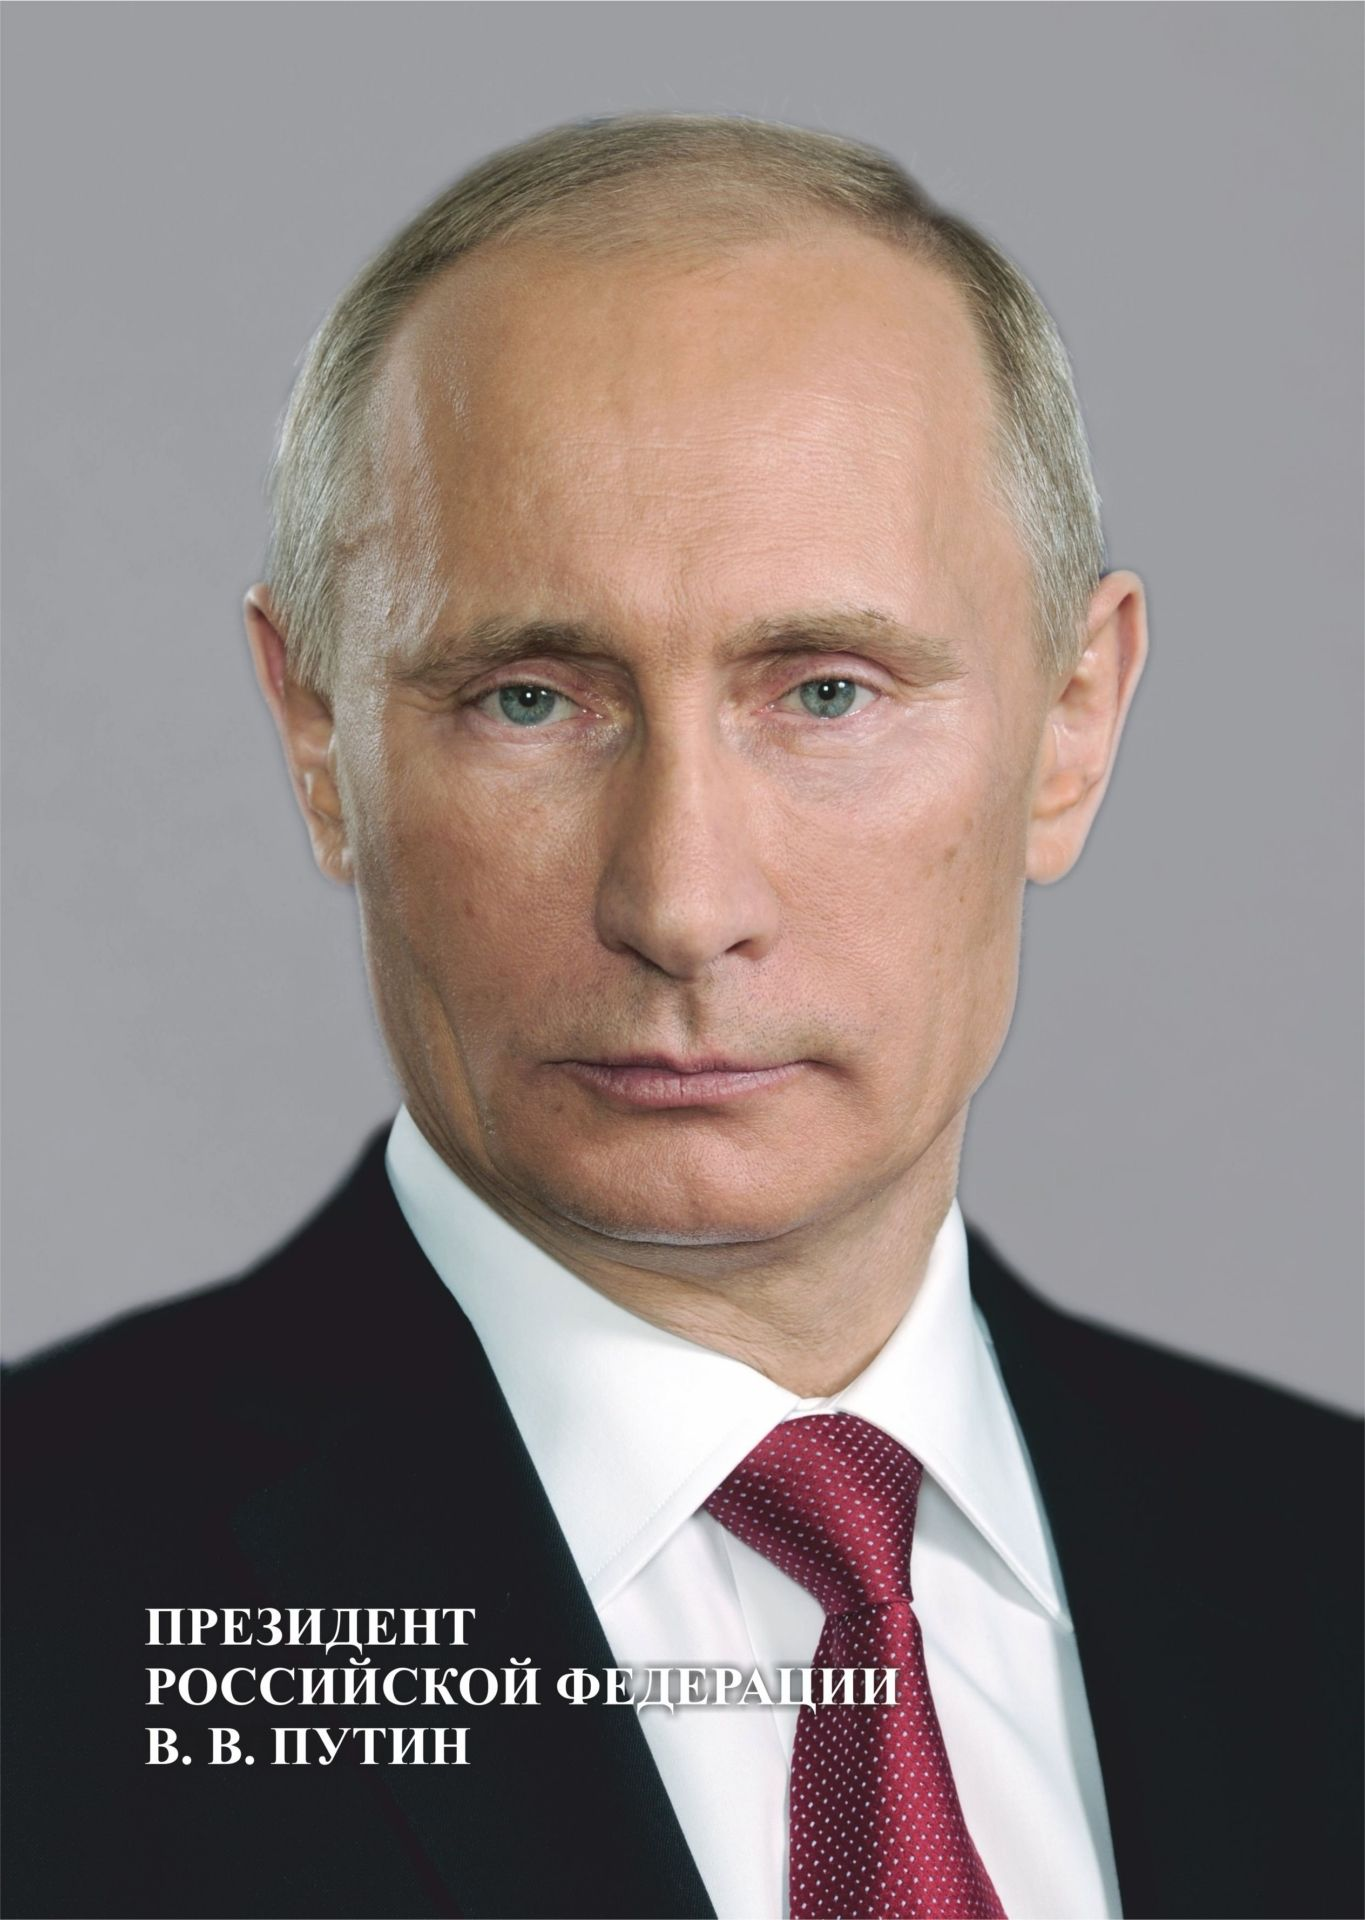 Портрет Президента РФ В.В. ПутинаОформительские плакаты<br>Материалы:на обложку - бумага мелованная, пл. 250.00.<br><br>Год: 2018<br>Высота: 297<br>Ширина: 210